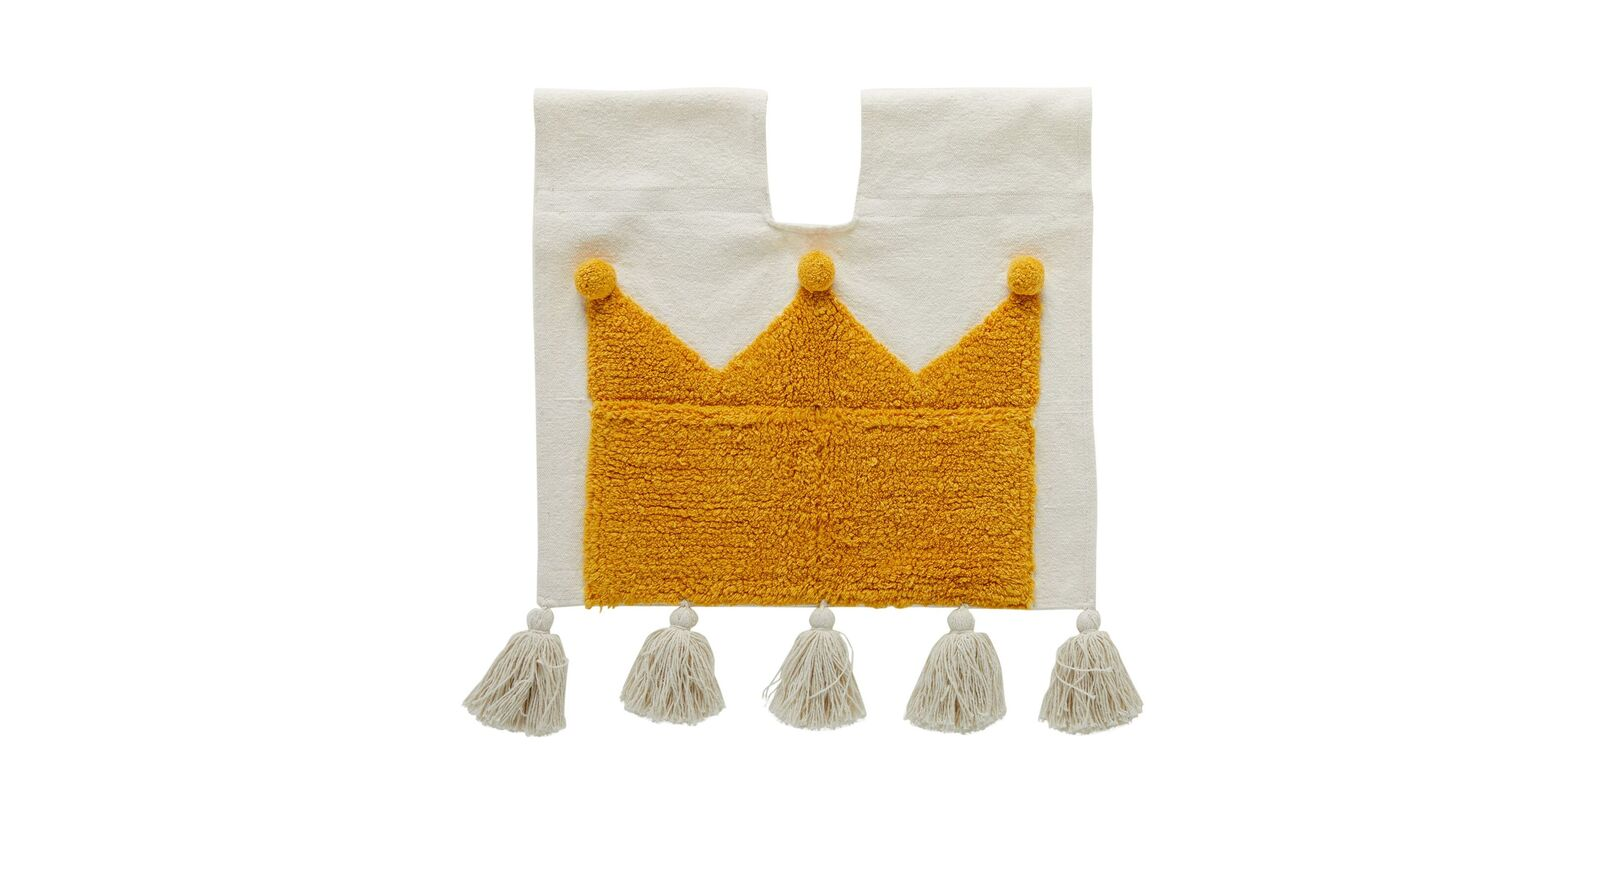 LIFETIME Kinderbett Princess Stars mit praktischen Hängetaschen